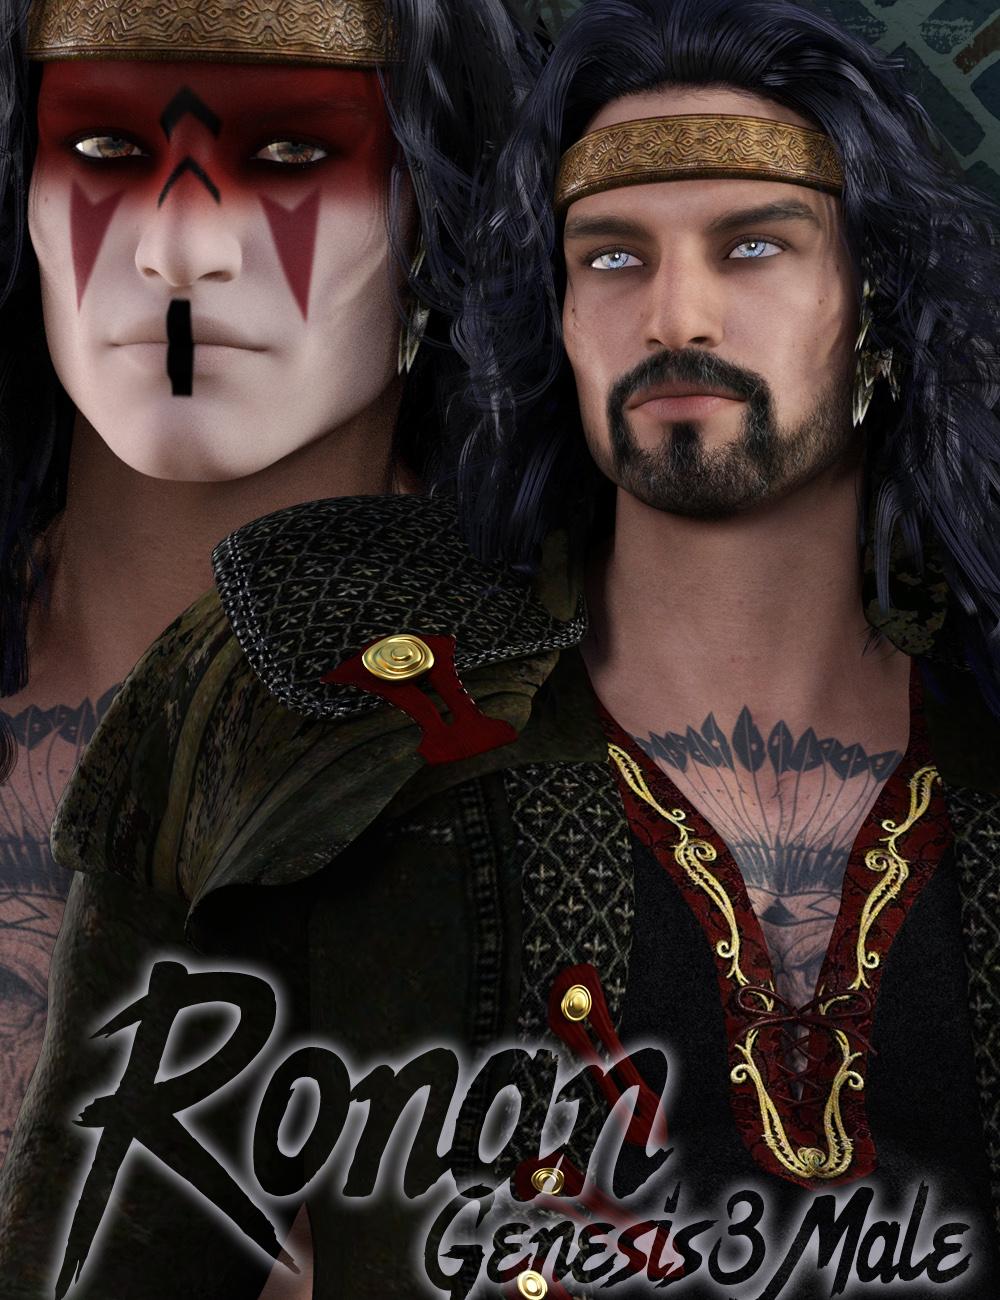 Ronan Genesis 3 Male by: gypsyangel, 3D Models by Daz 3D